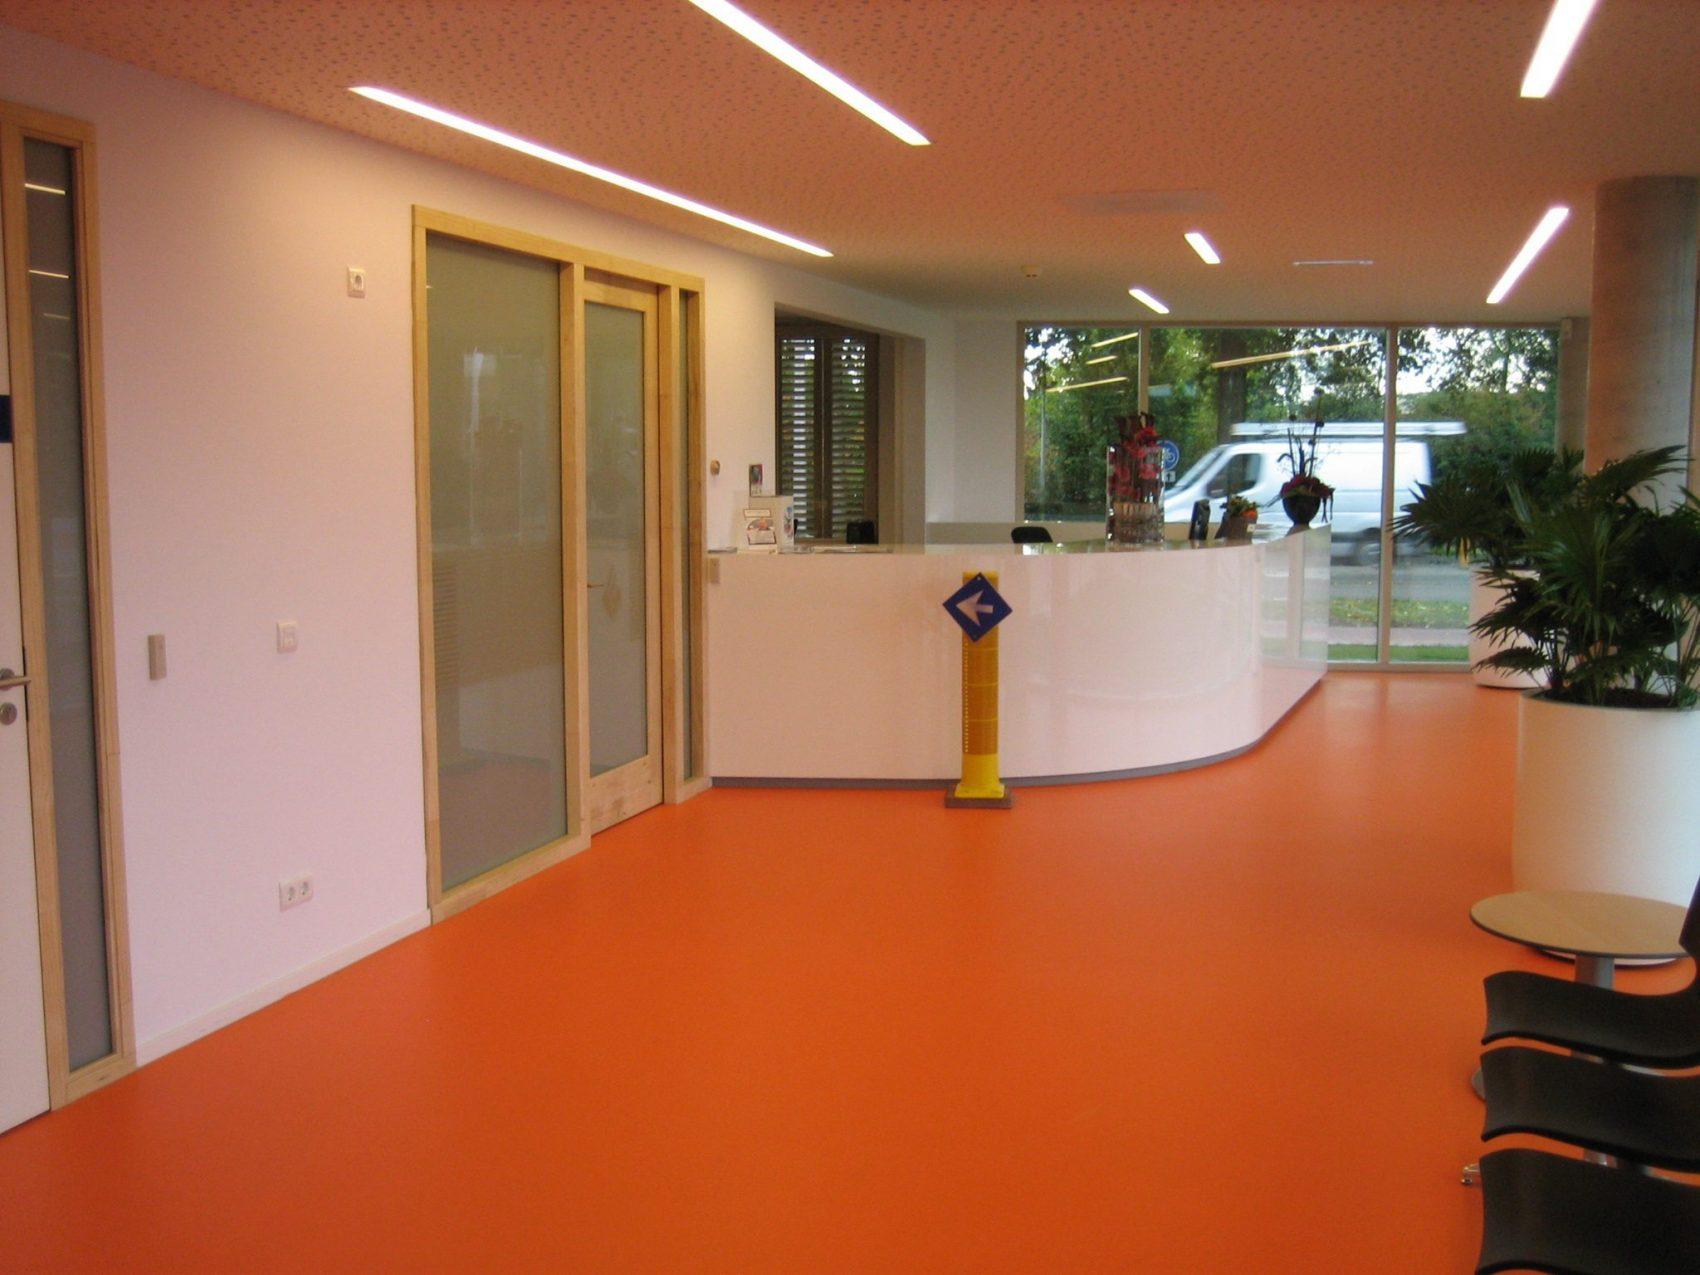 Faay Wanden en Plafonds - IW100 - Robuuste akoestische isolatiewand